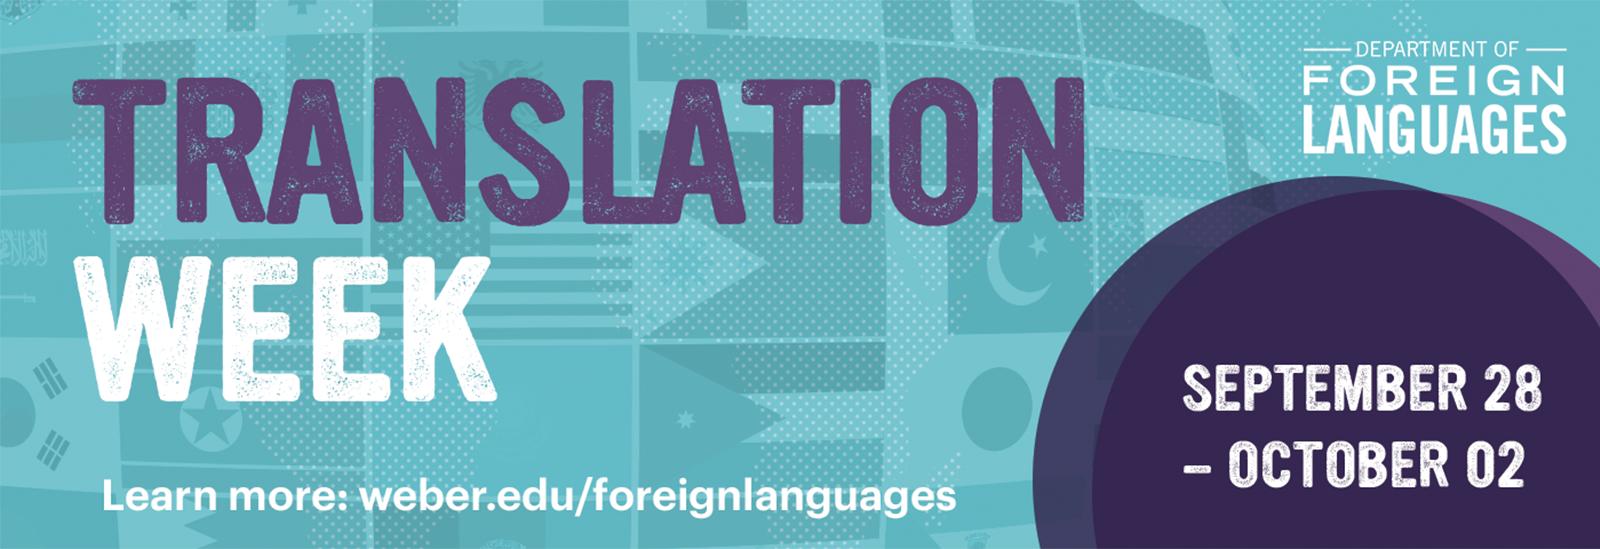 Translation Week Banner